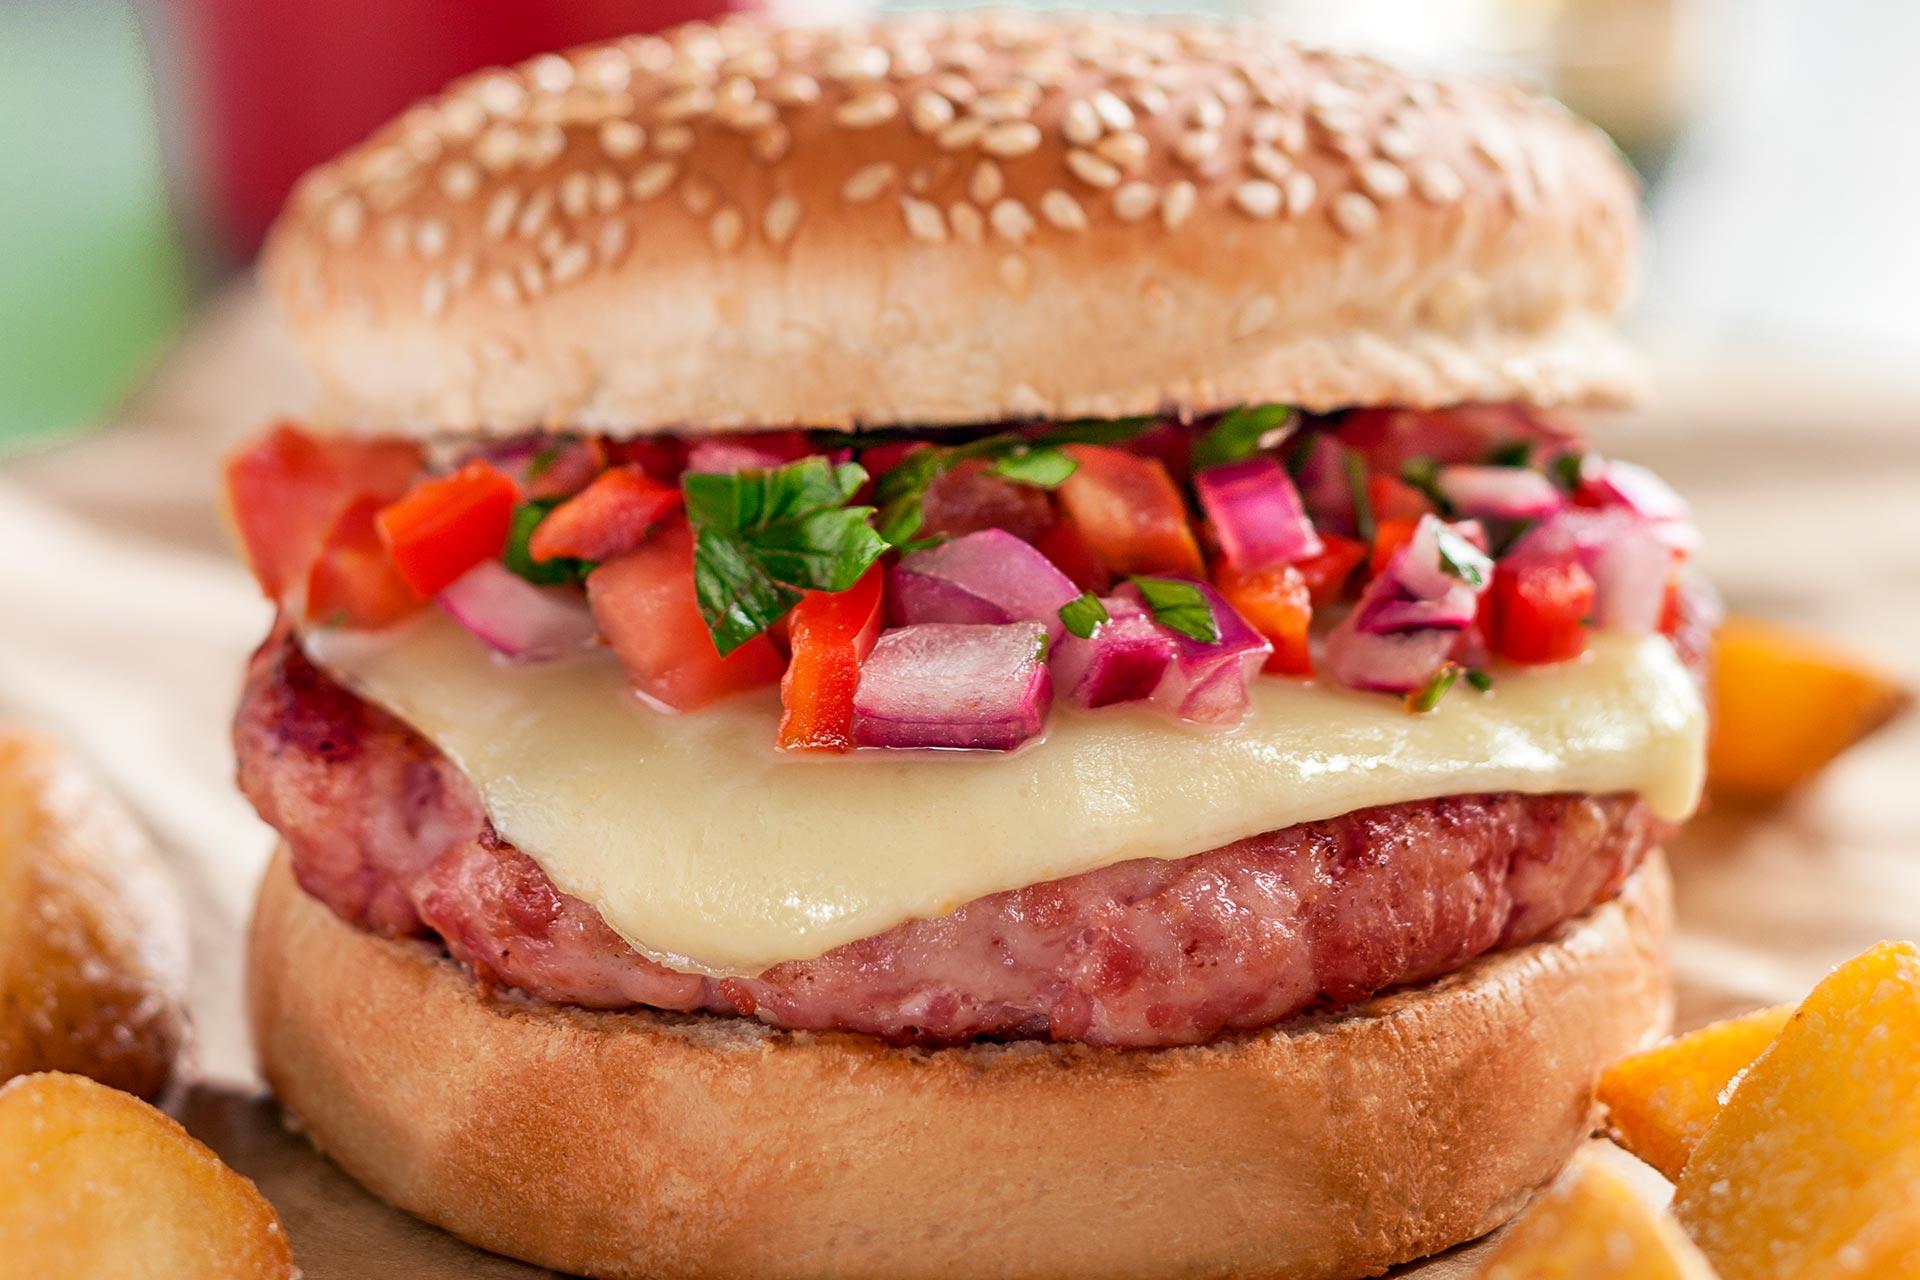 Imagem: Vai dizer que esse super close não te fez ficar com água na boca por esse hambúrguer? Foto: Raphael Günther/Bespoke Content.